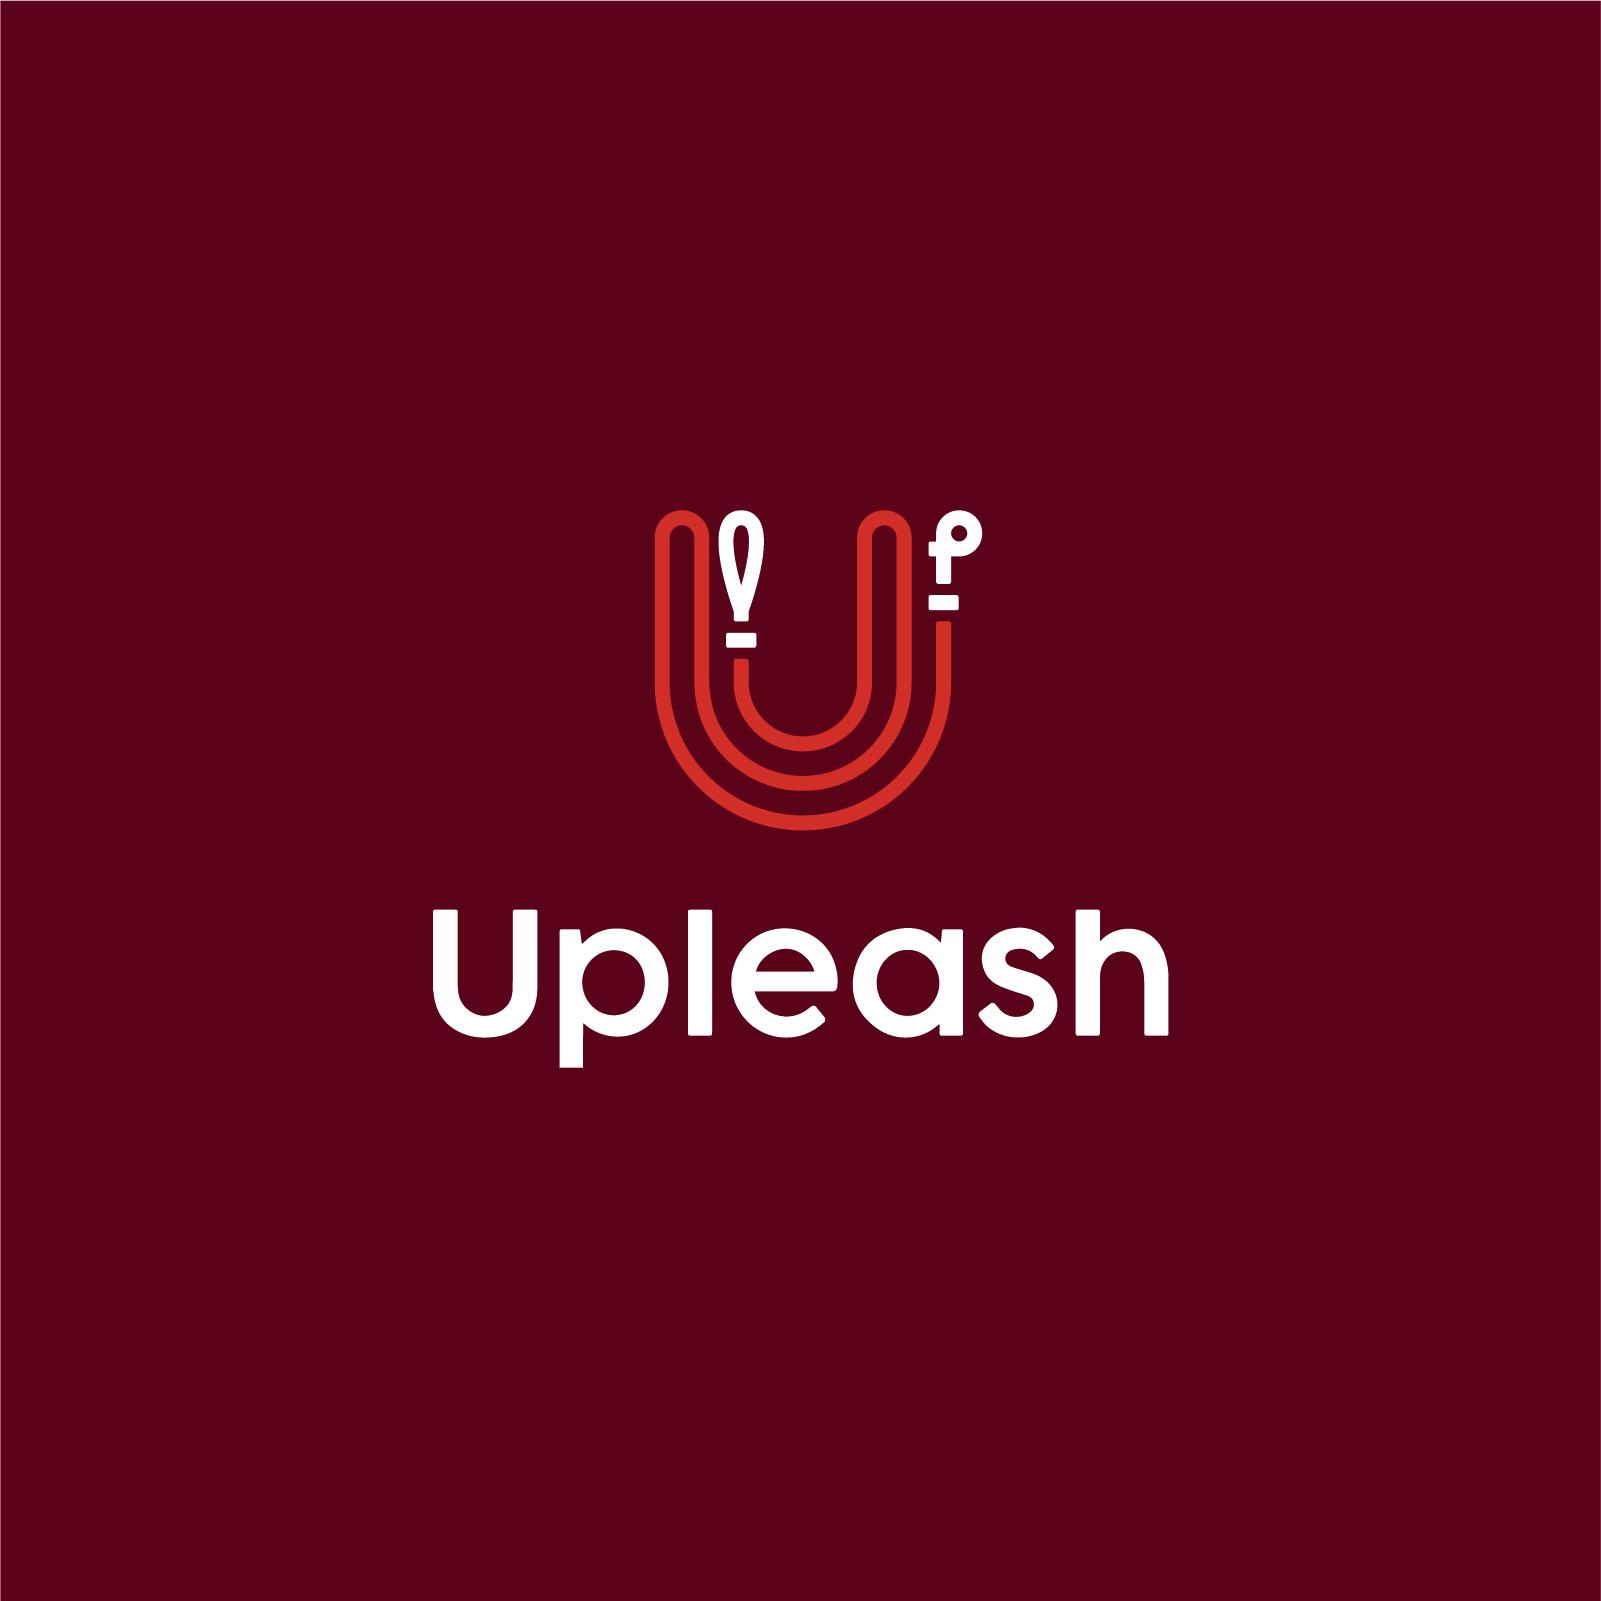 Upleash.jpg